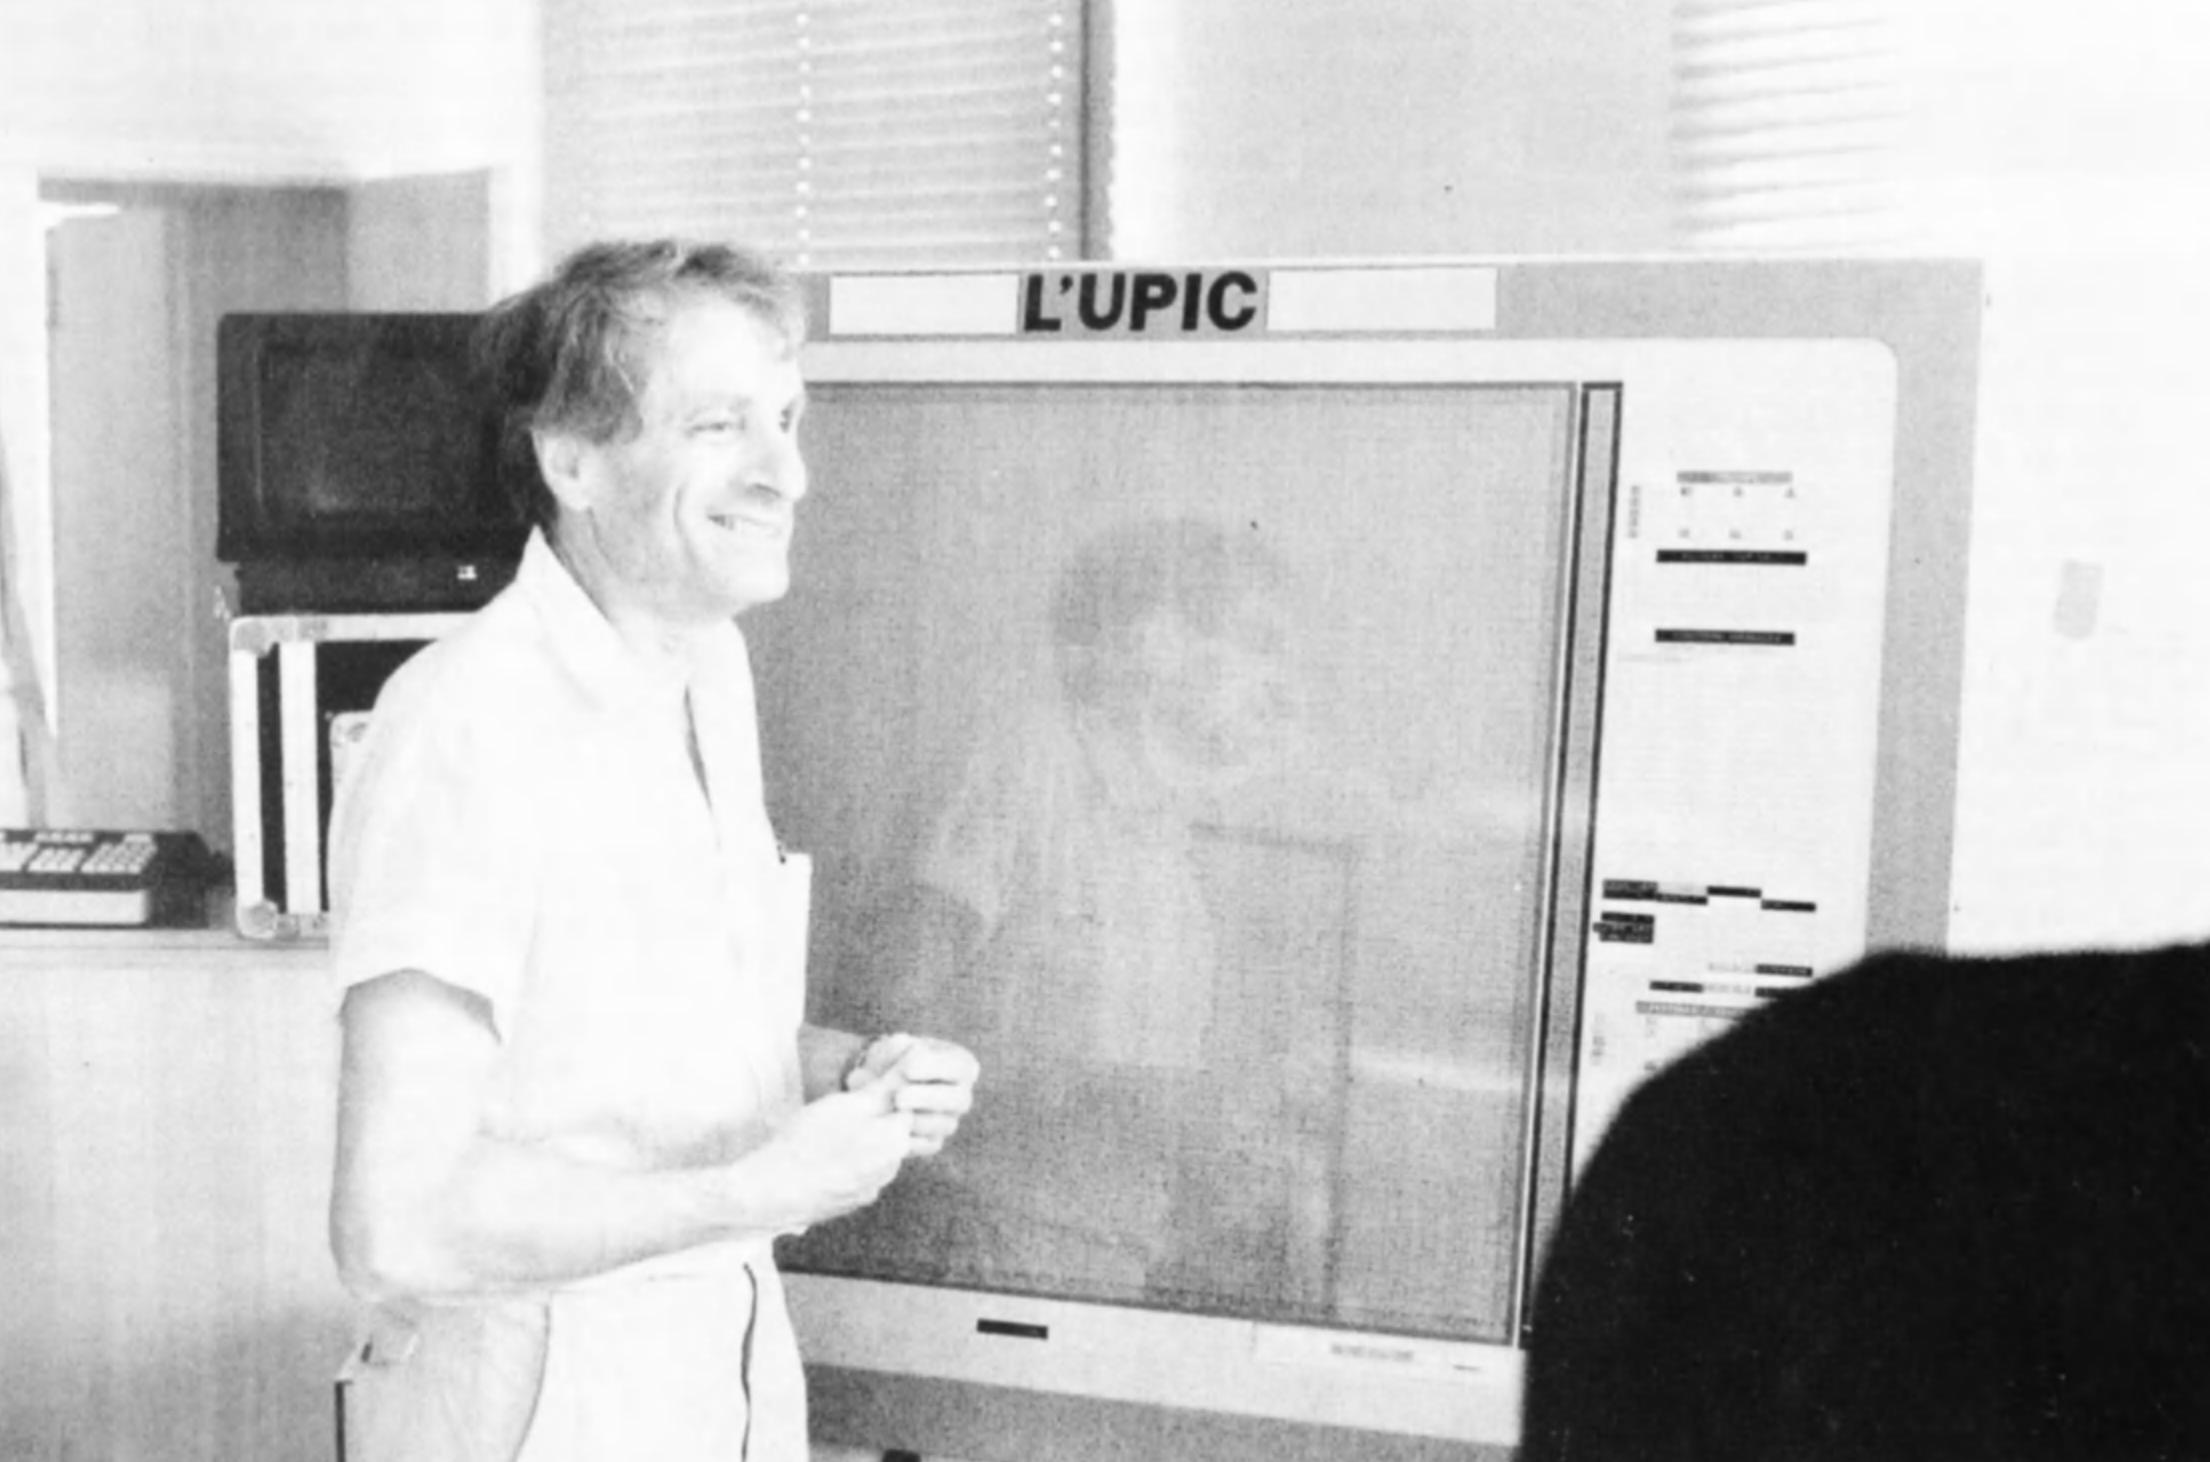 Xenakis di fronte alla lavagna del sistema UPIC.